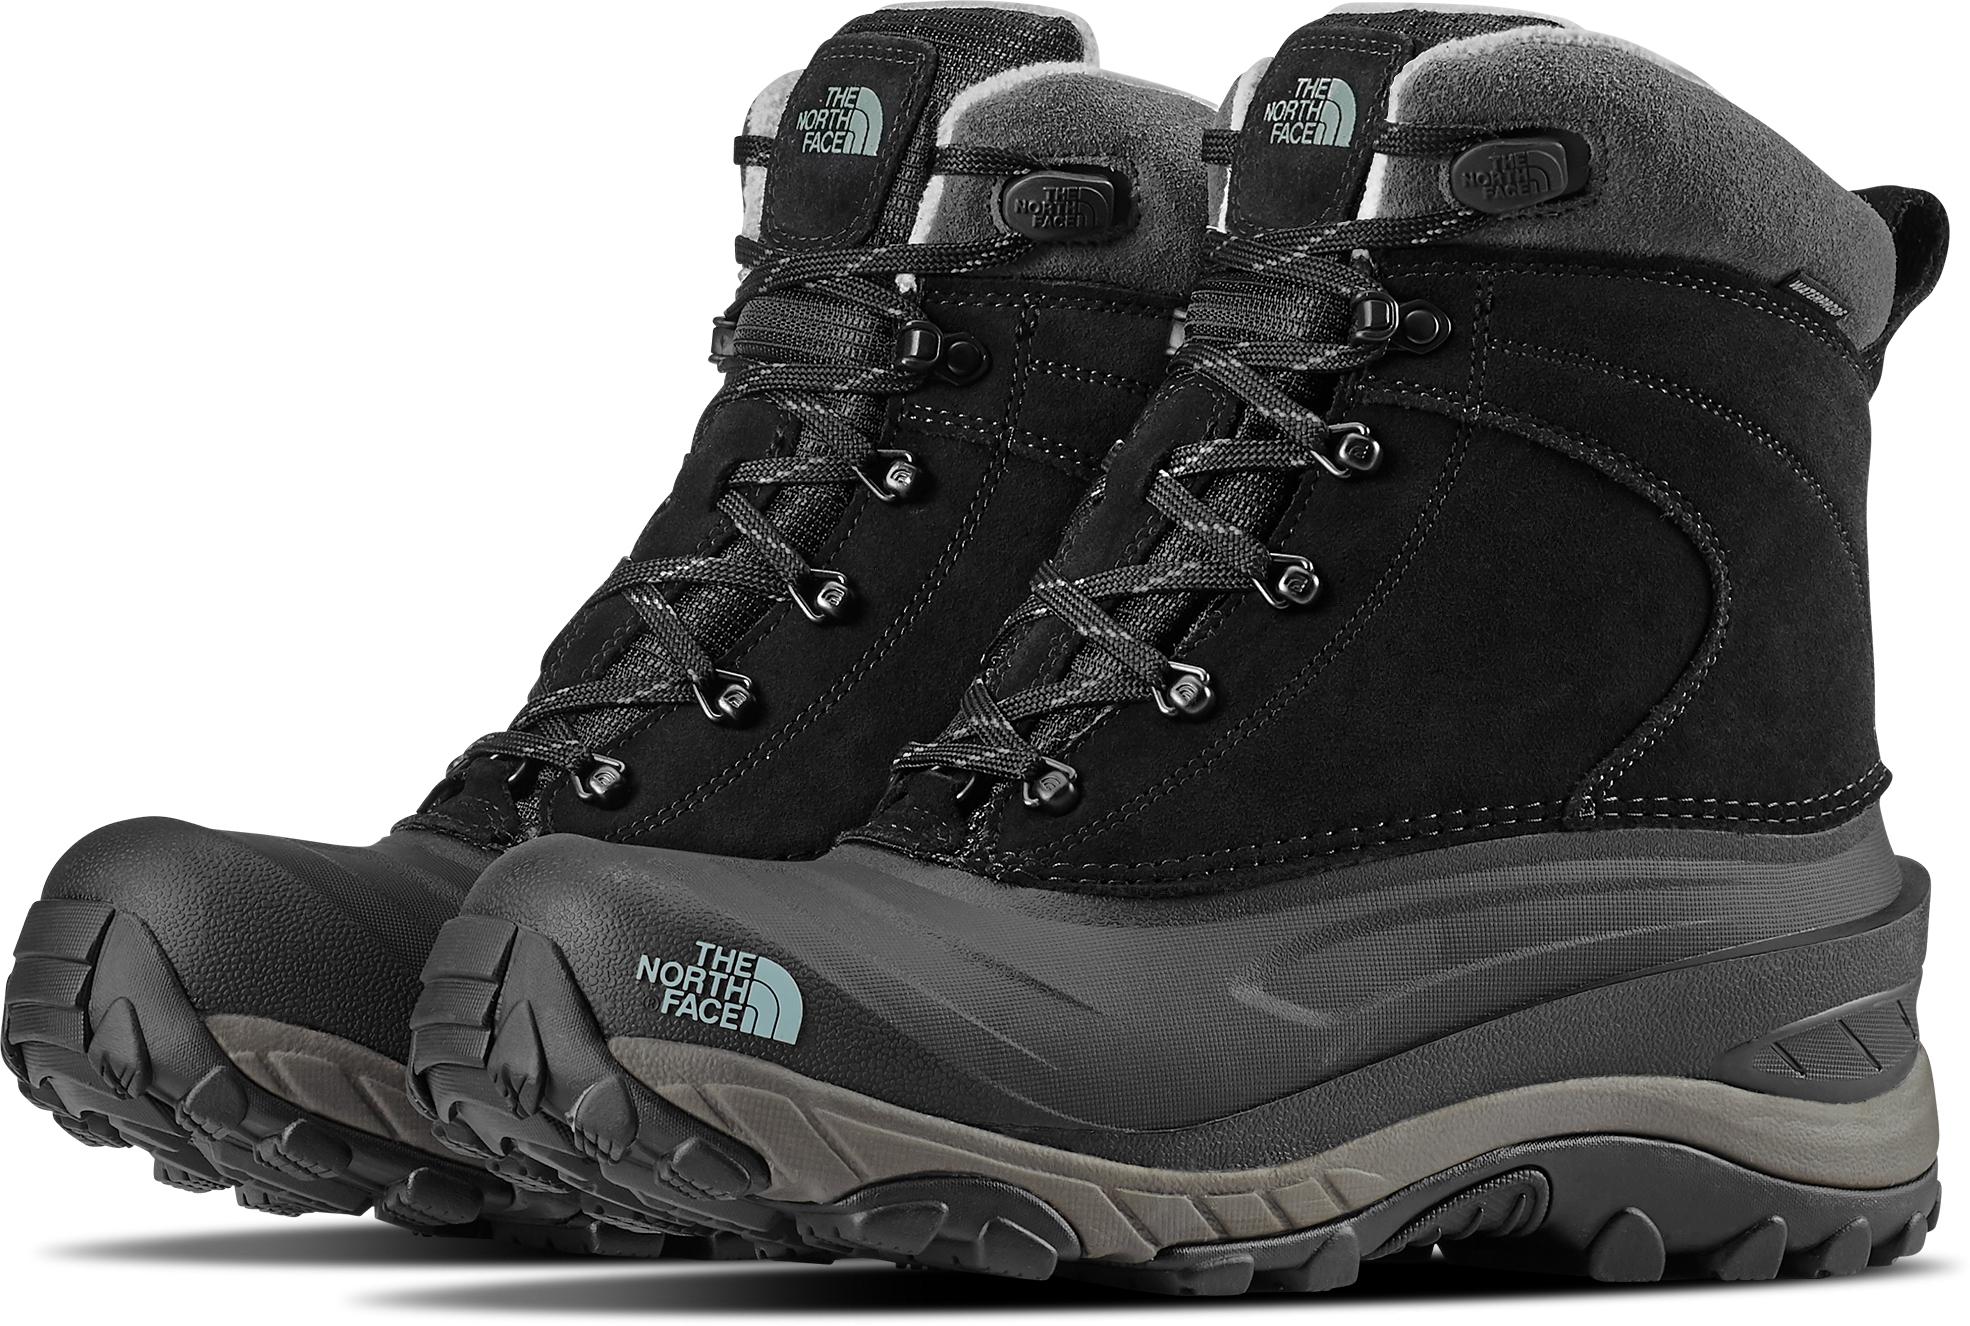 396a2f65ffb Boots | MEC